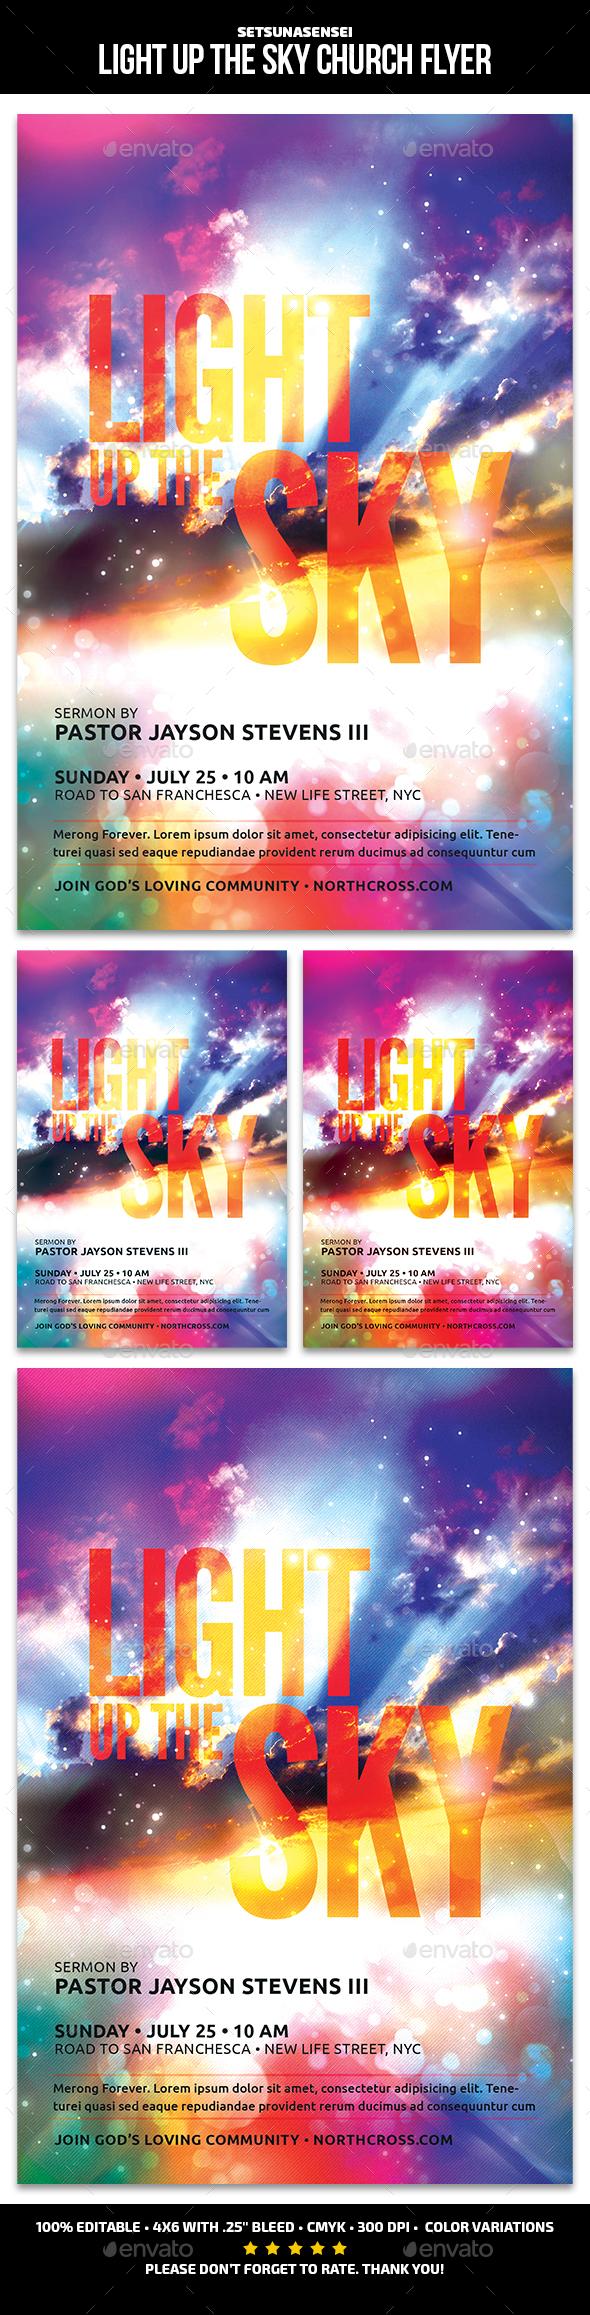 Light Up The Sky Church Flyer - Church Flyers